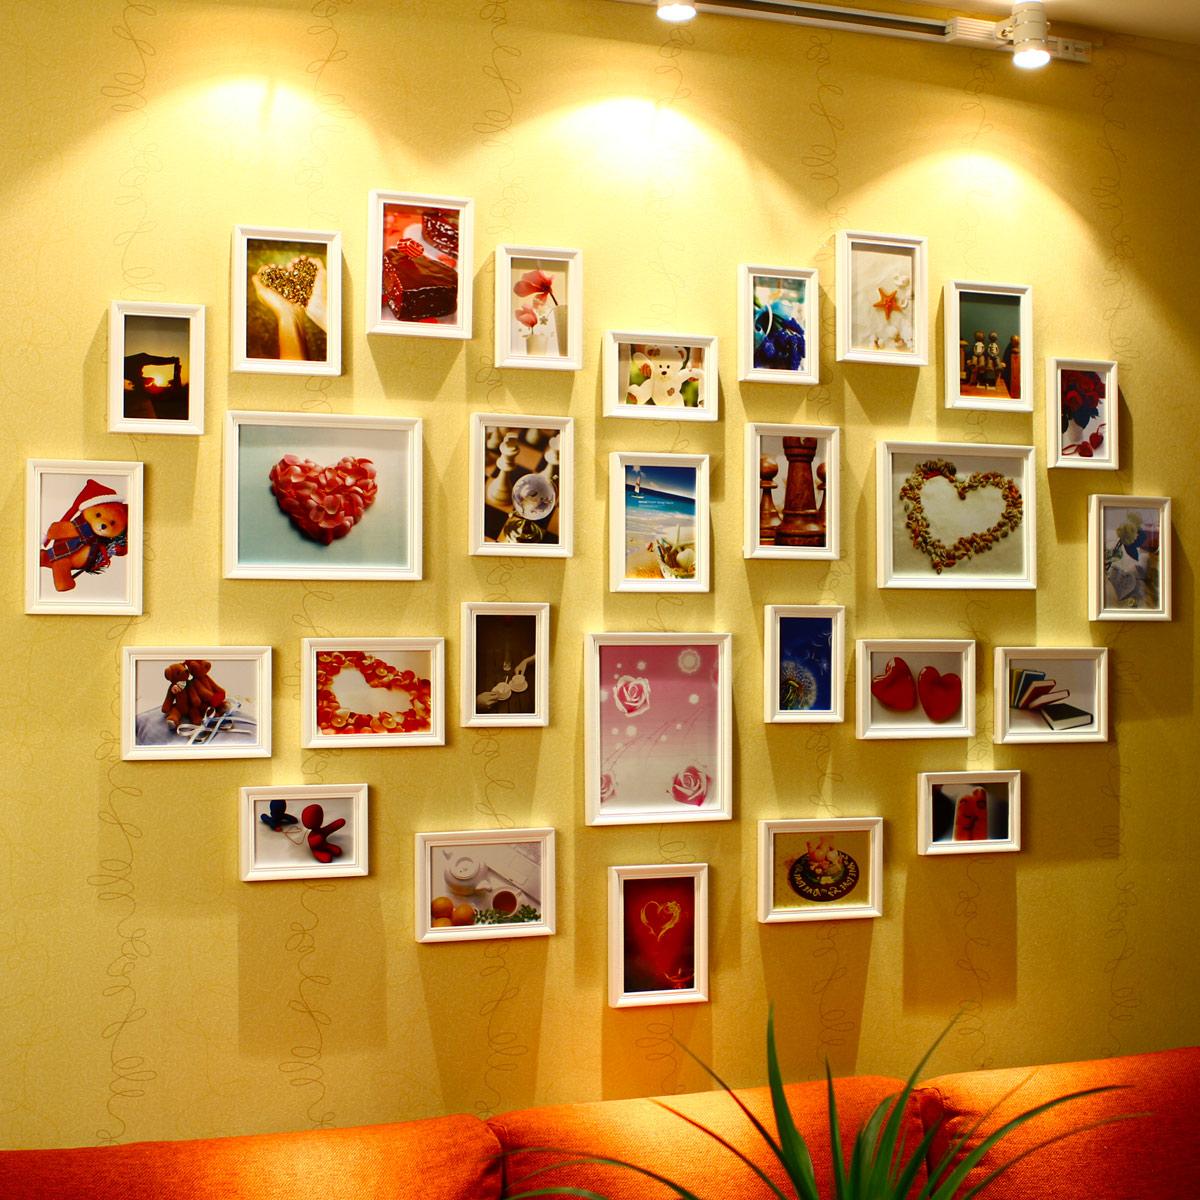 Молотке, картинки для рамок на стену